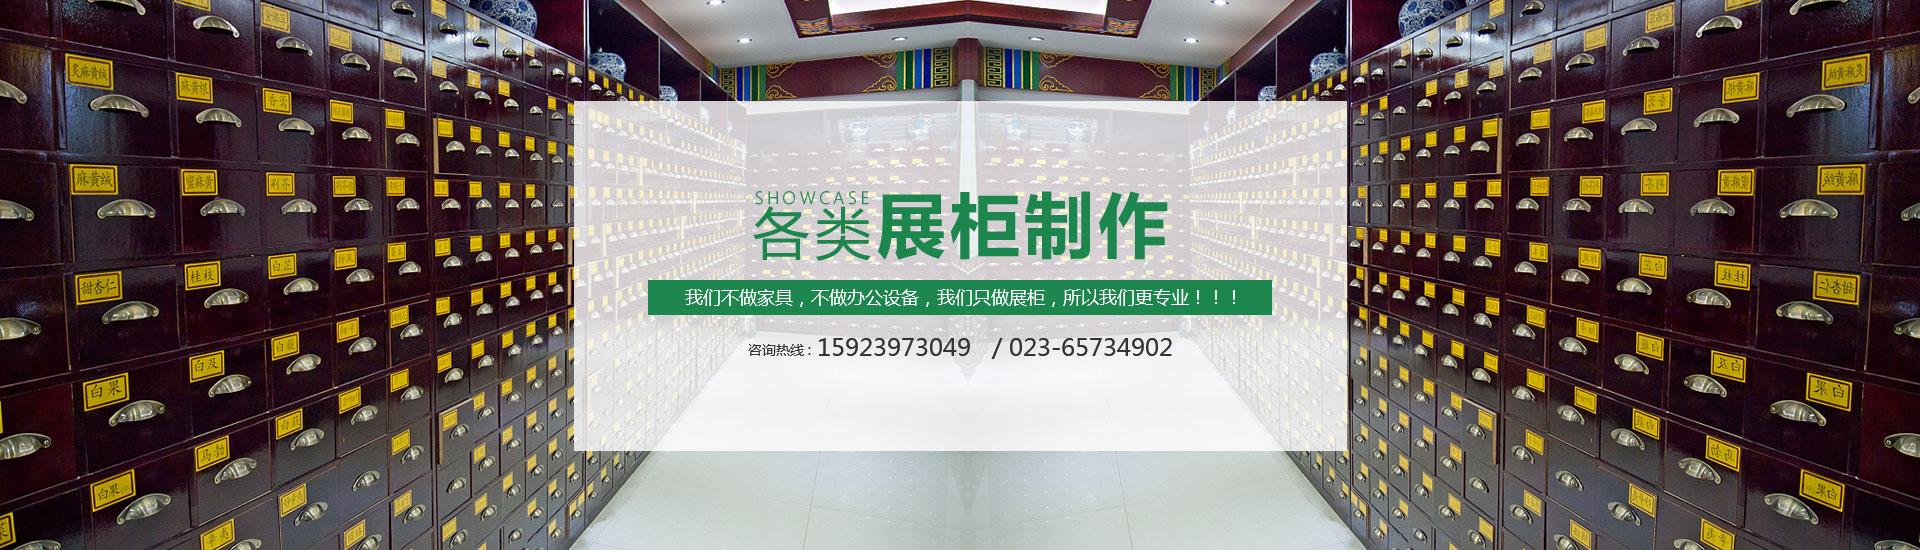 重庆展柜设计